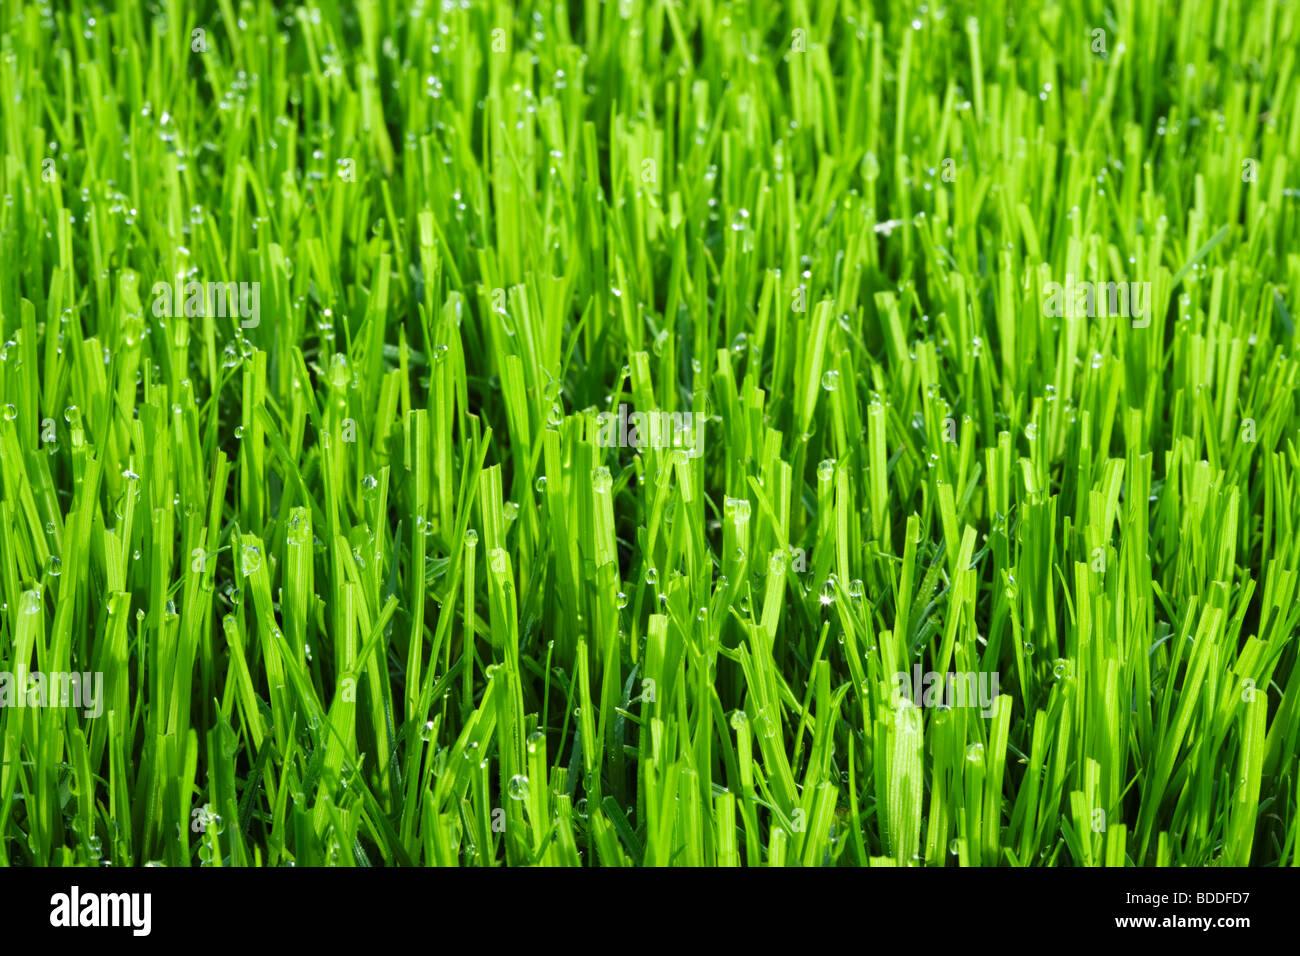 L'herbe de la pelouse avec des gouttelettes d'eau Photo Stock